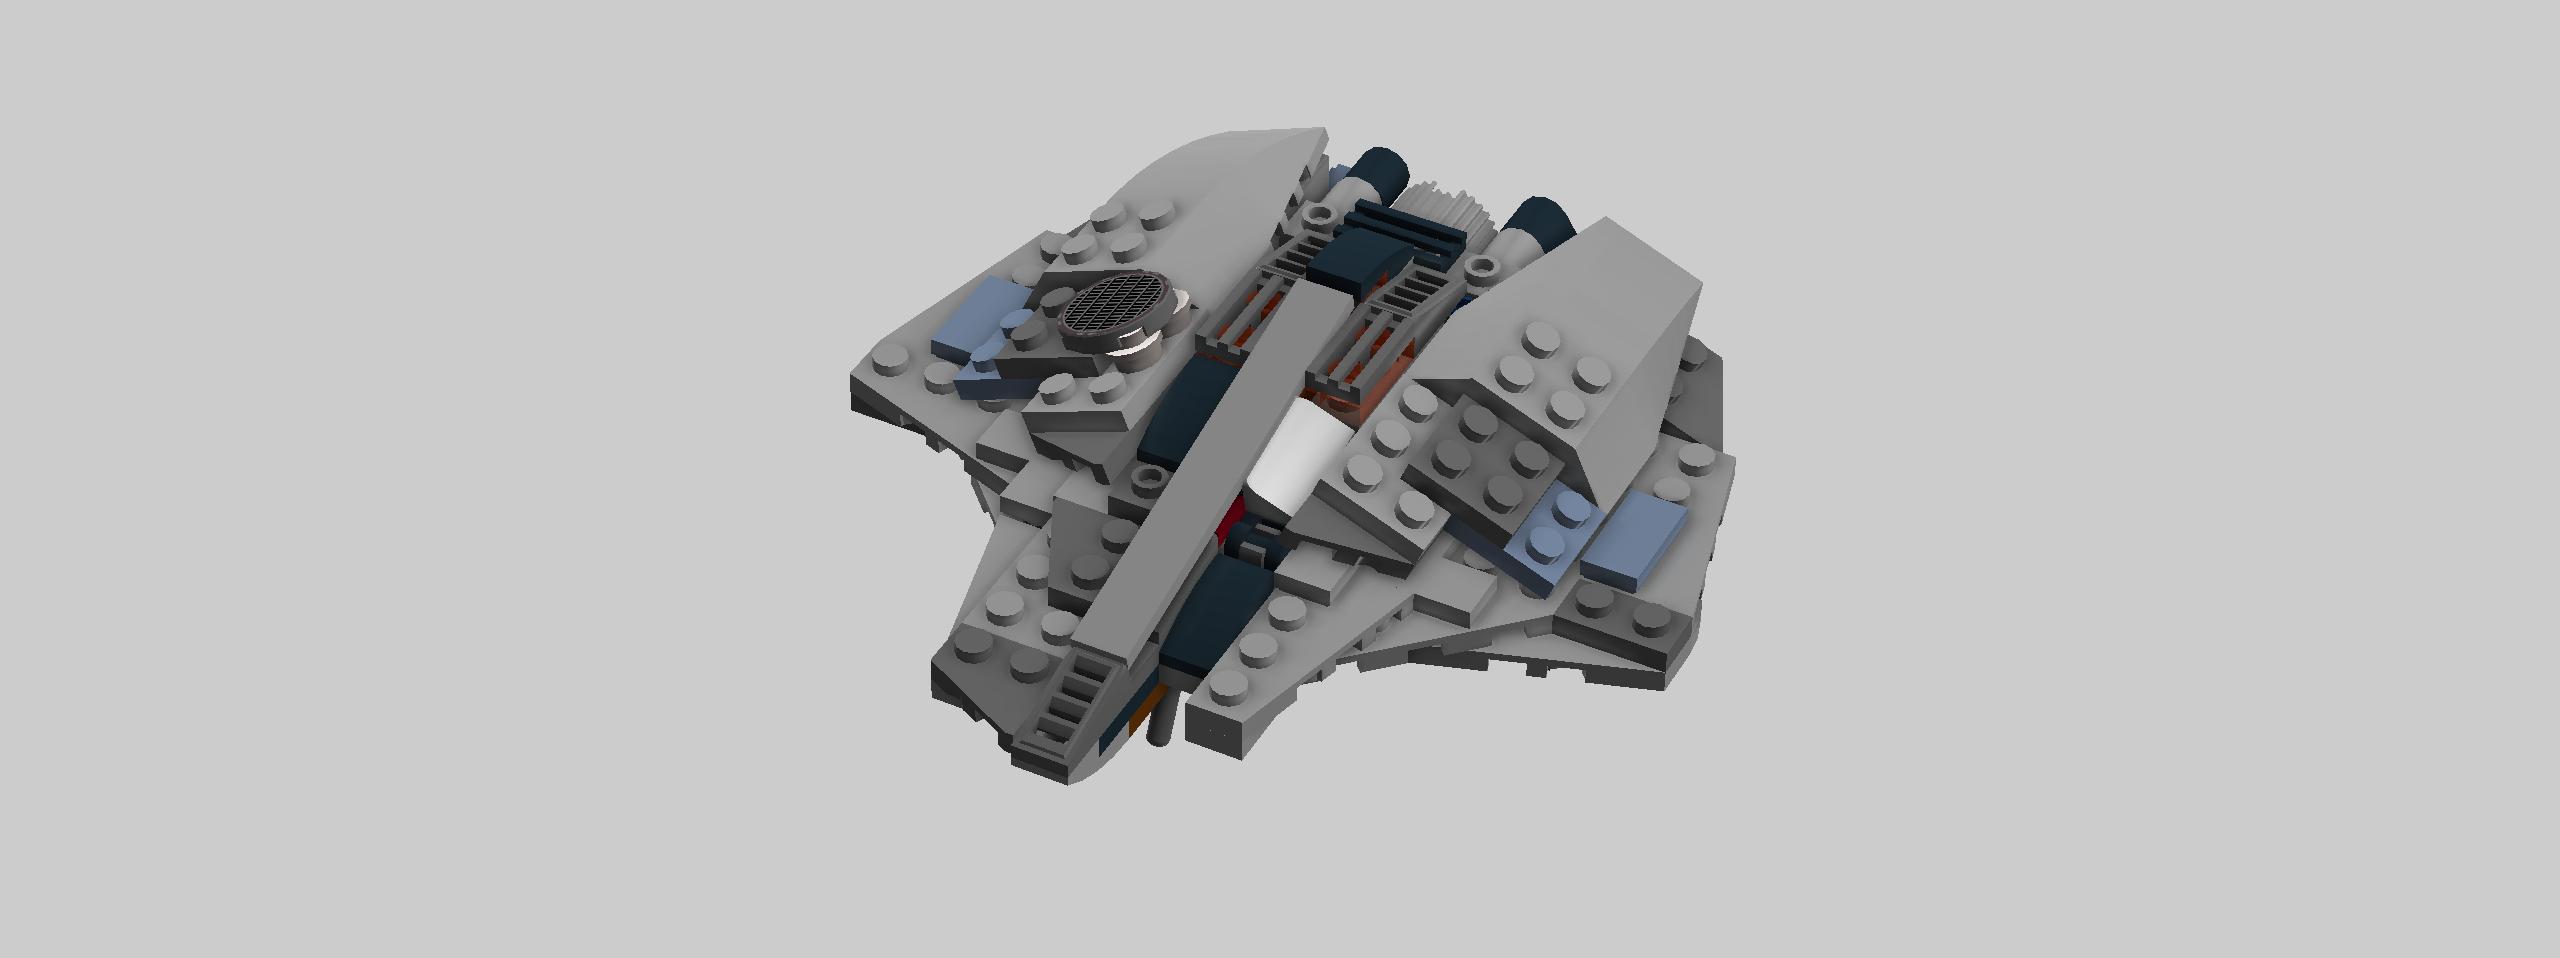 Citizen spotlight - LEGO Crusader Mercury Star Runner